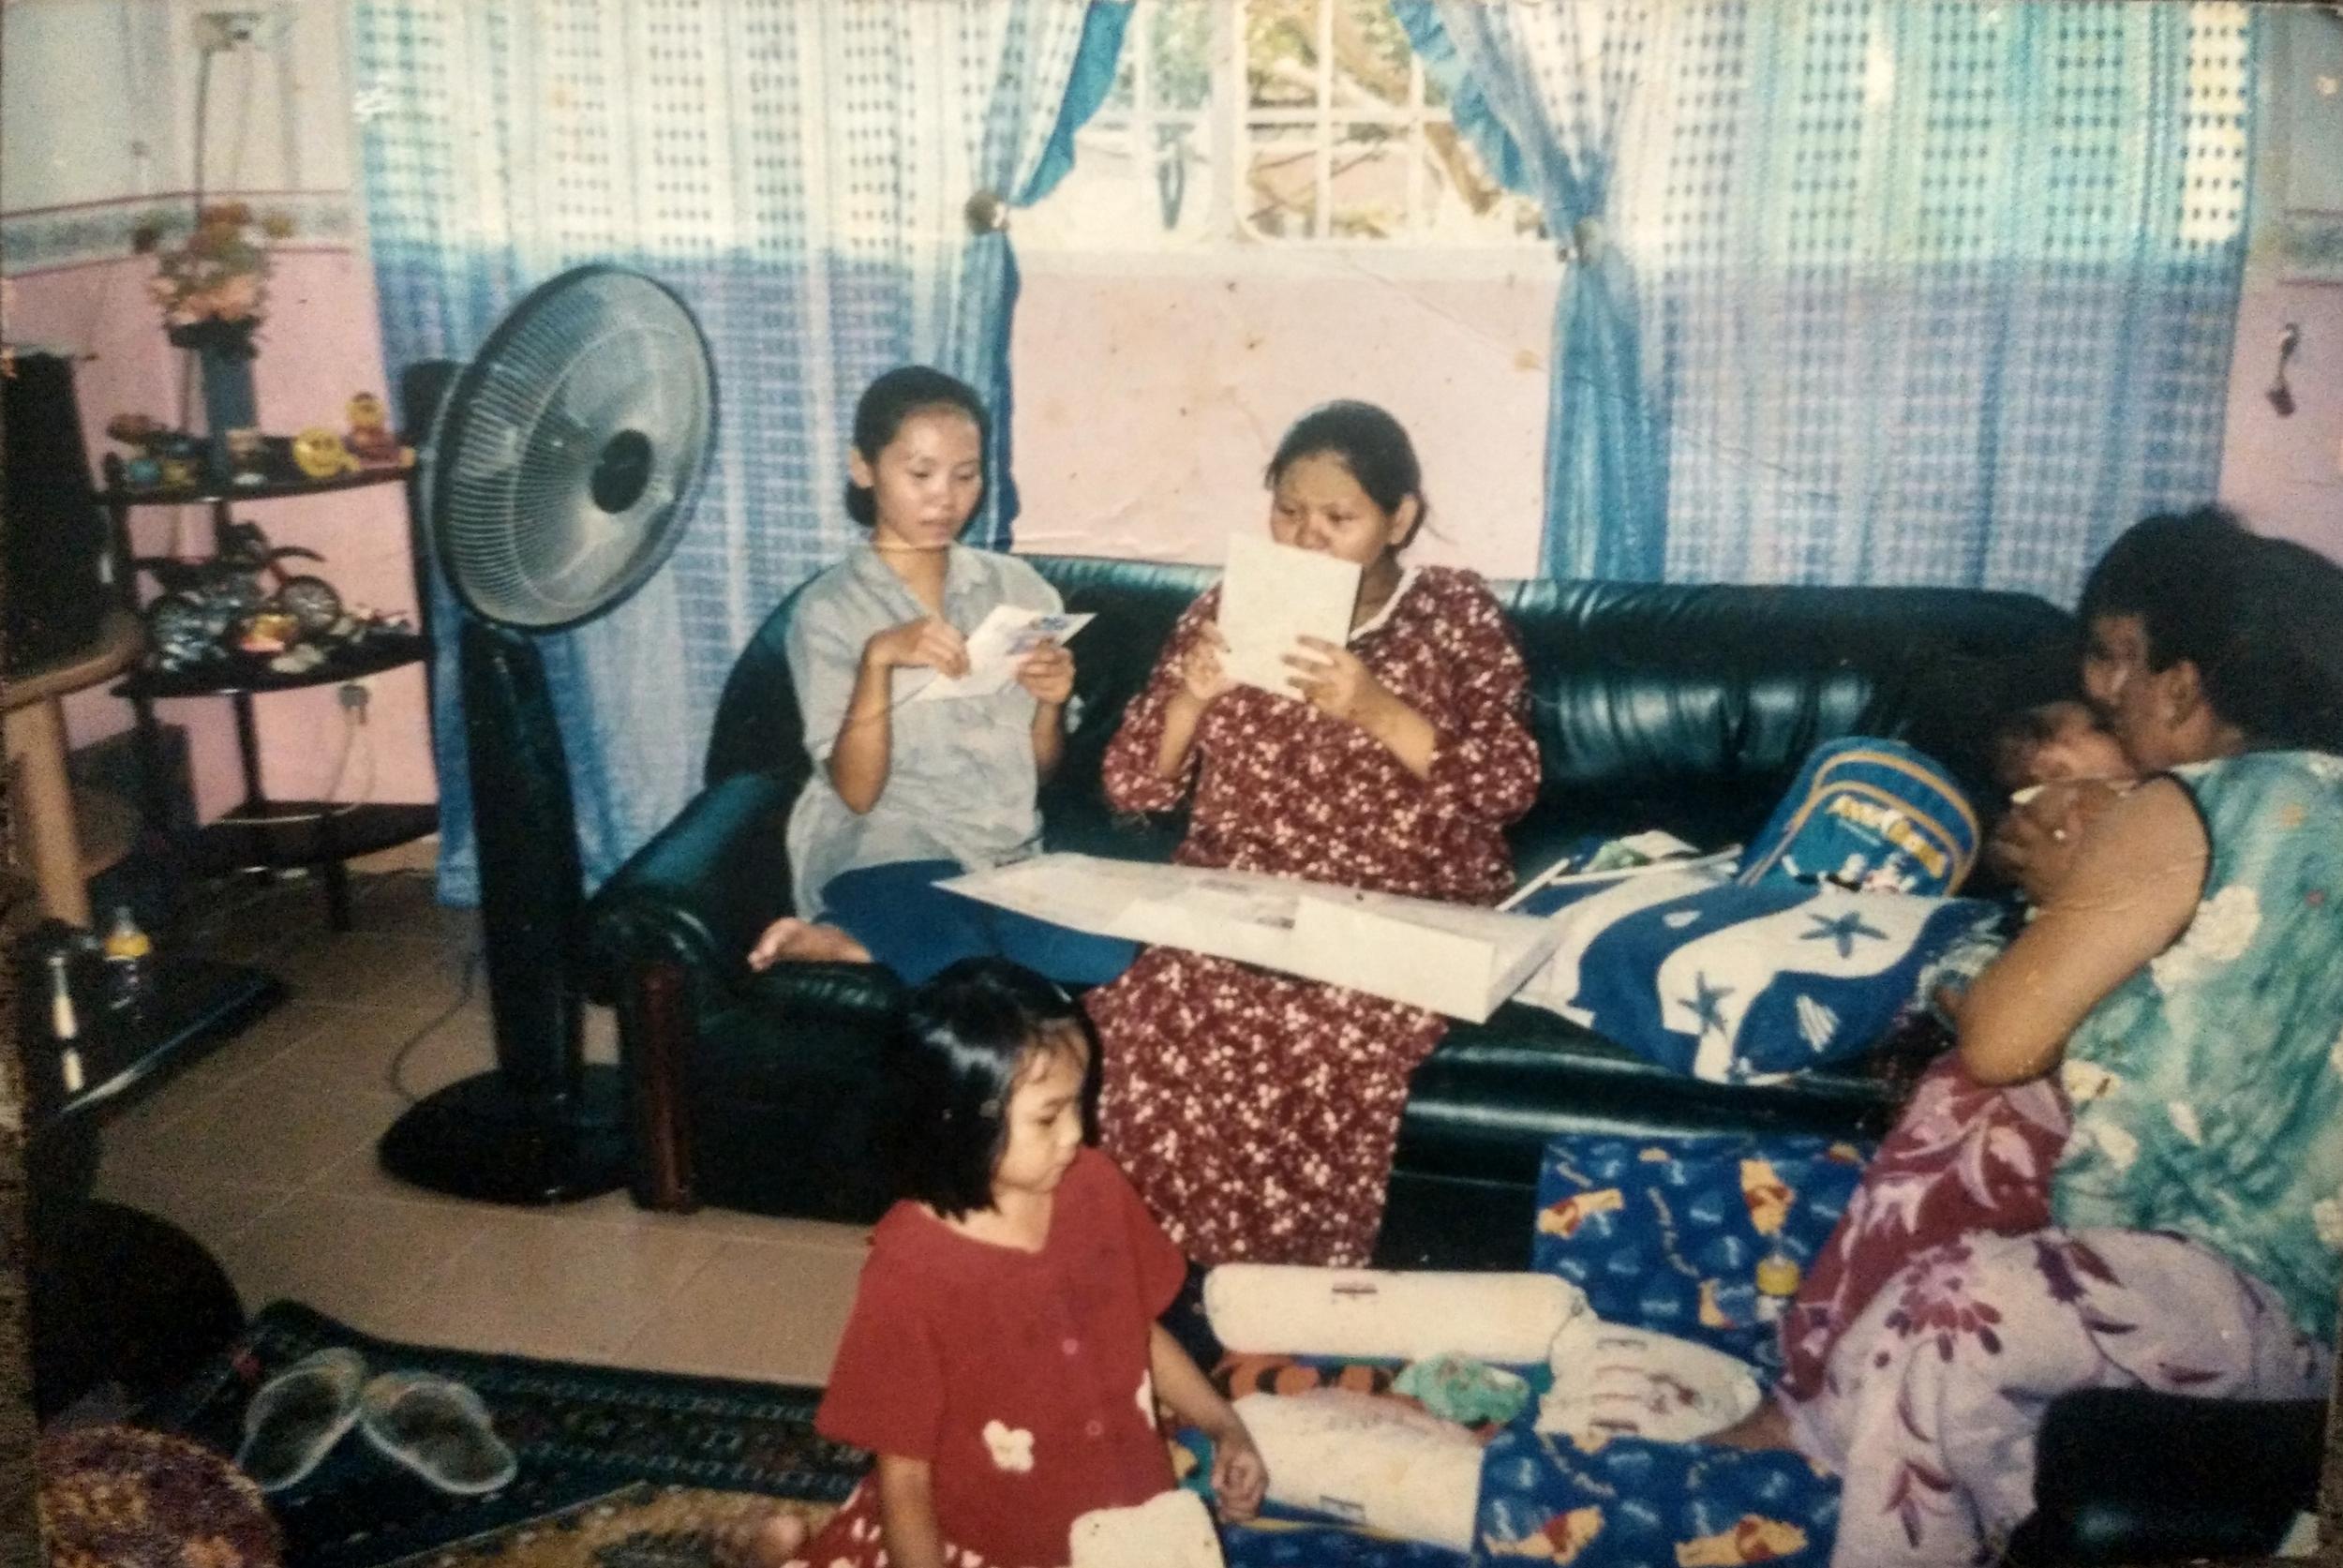 Family time in Bukit Panjang.